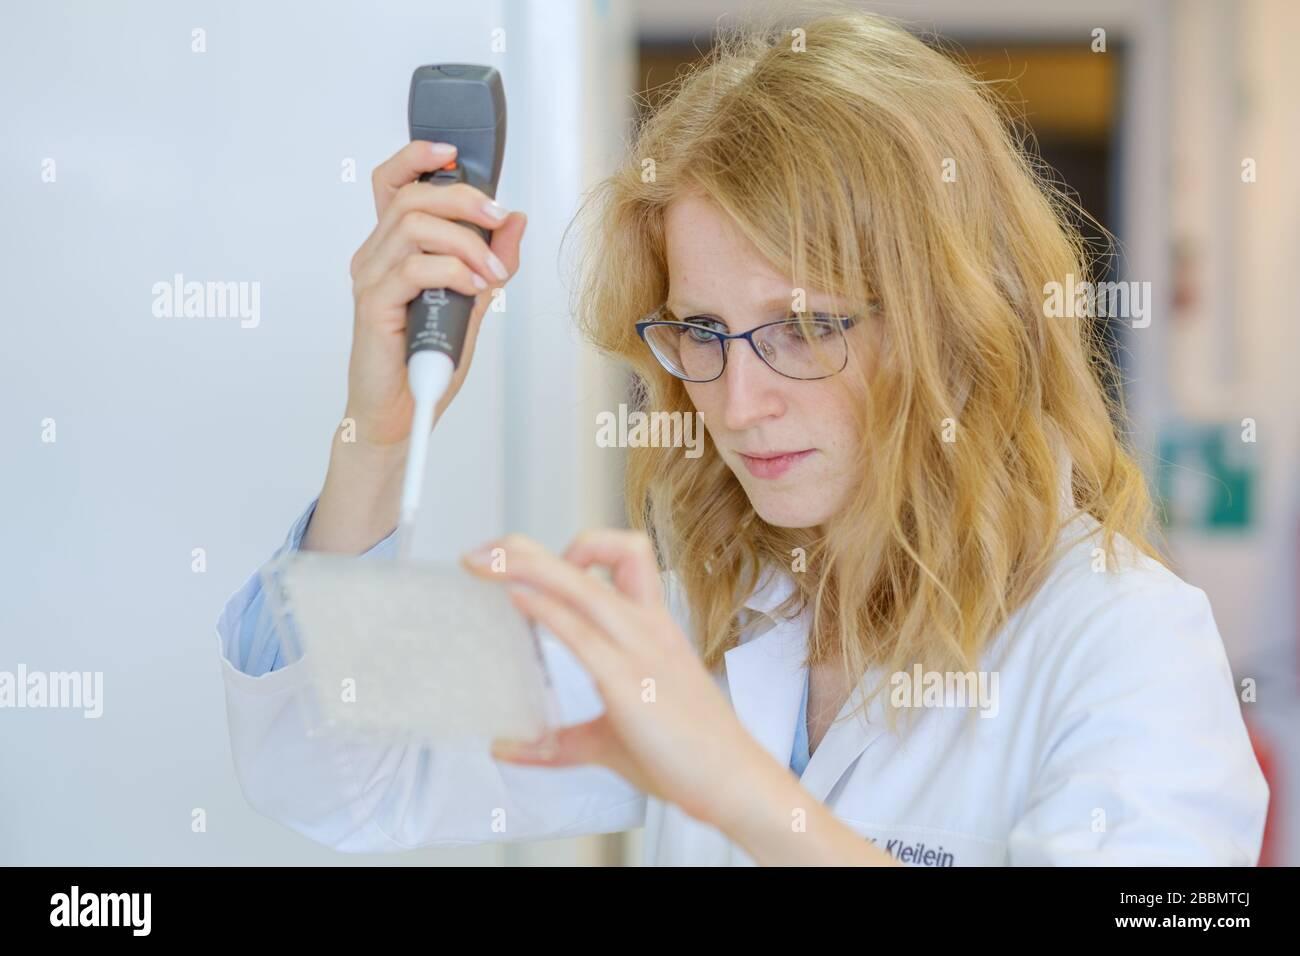 Brunswick, Deutschland. April 2020. Die Wissenschaftlerin Katharina Kleilein pipettiert im Labor des Life-Science-Unternehmens Yumab Antikörper auf eine Elisa-Platte. Das Start-up-Unternehmen untersucht die Entwicklung von menschlichen Antikörpern und versucht, Medikamente gegen Covid-19 zu entwickeln. Credit: OLE Spata / dpa / Alamy Live News Stockfoto